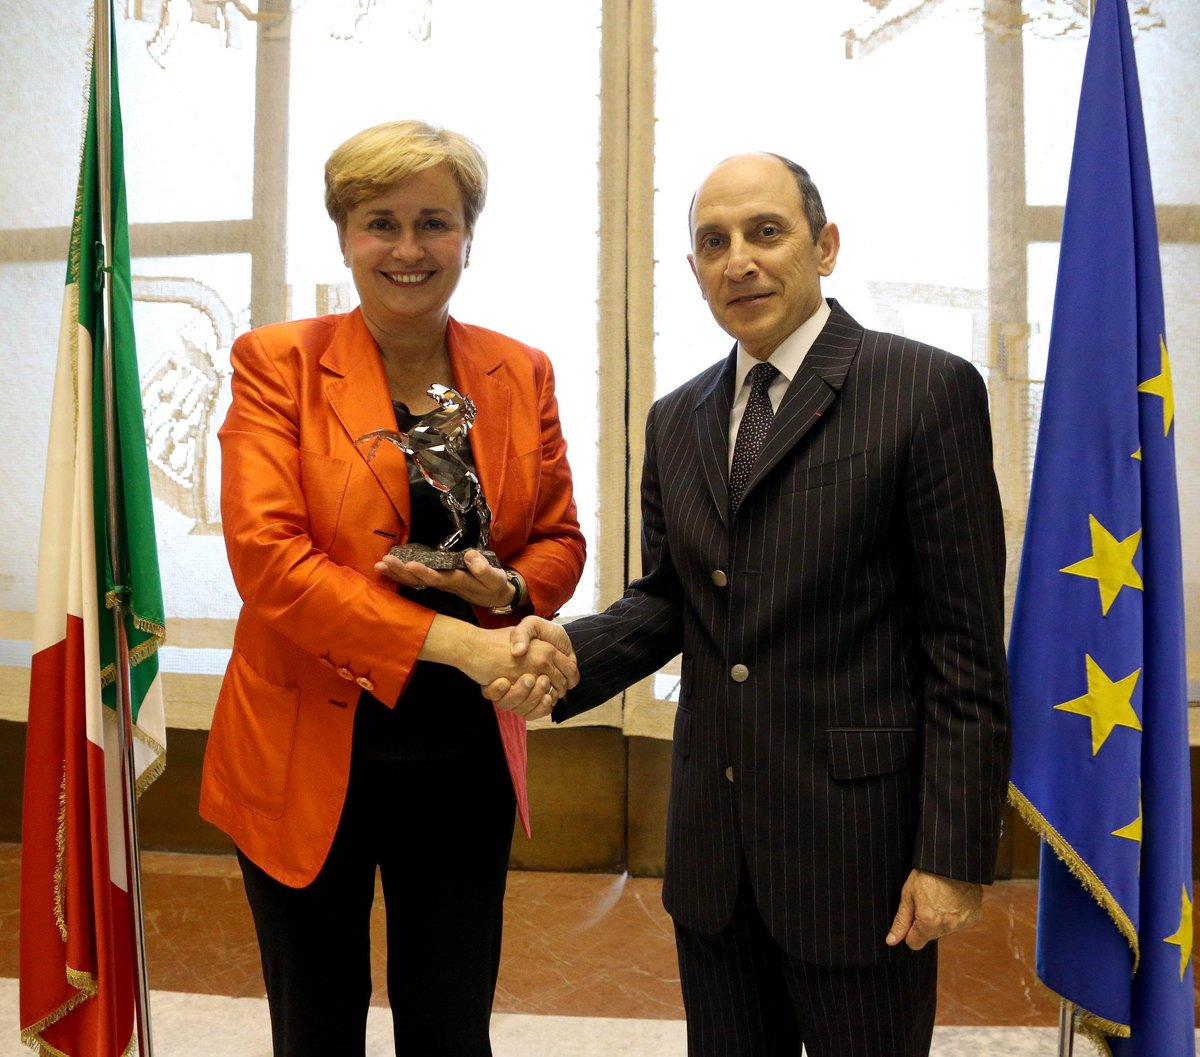 سعادة السيد الباكر يبحث مع معالي الوزيرة فيديريكا غيدي قضايا الاقتصاد والطيران. htt